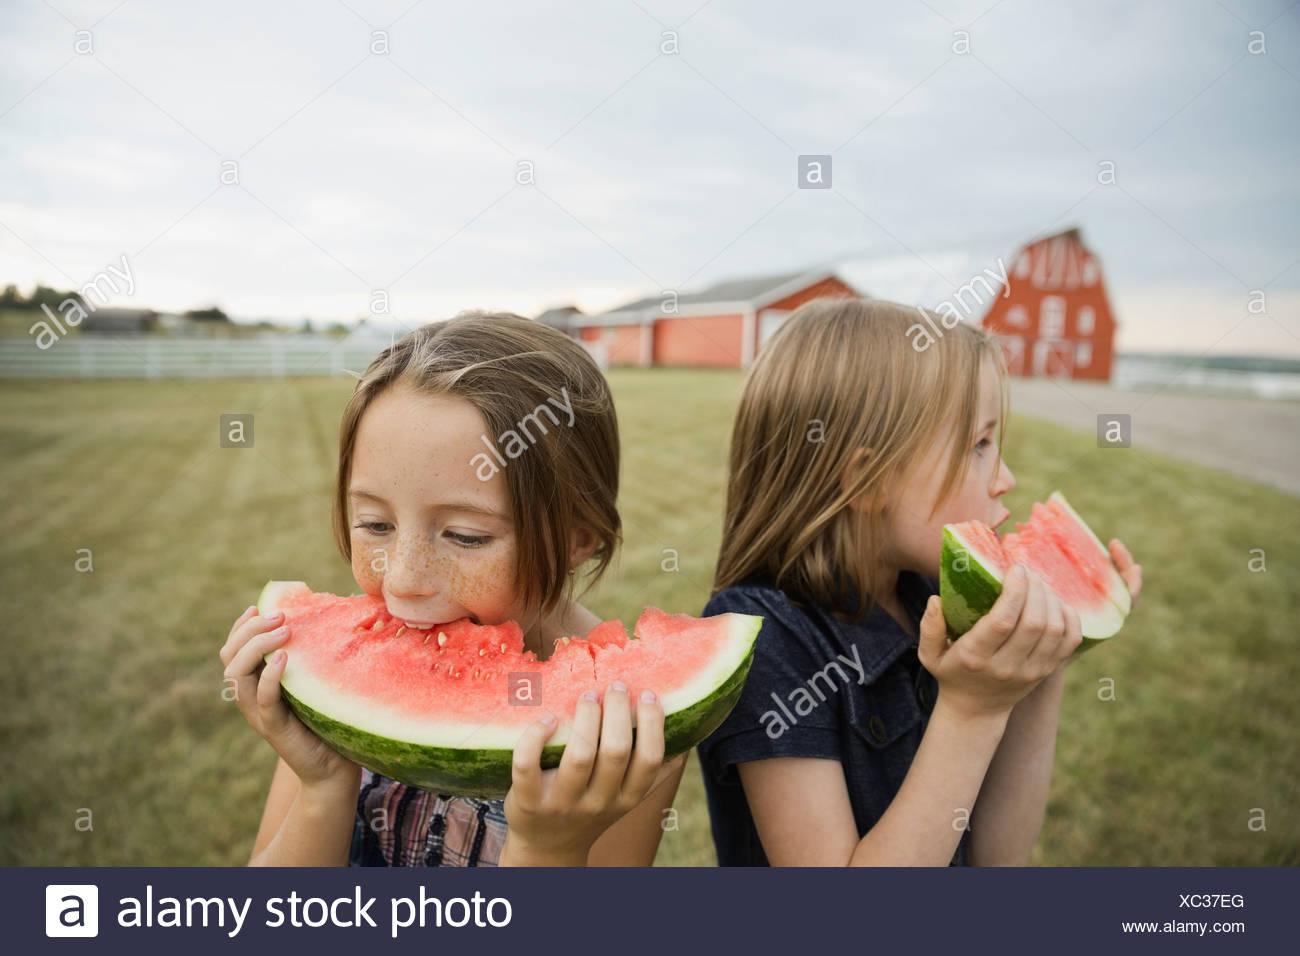 Ragazze mangiando anguria all'aperto Immagini Stock